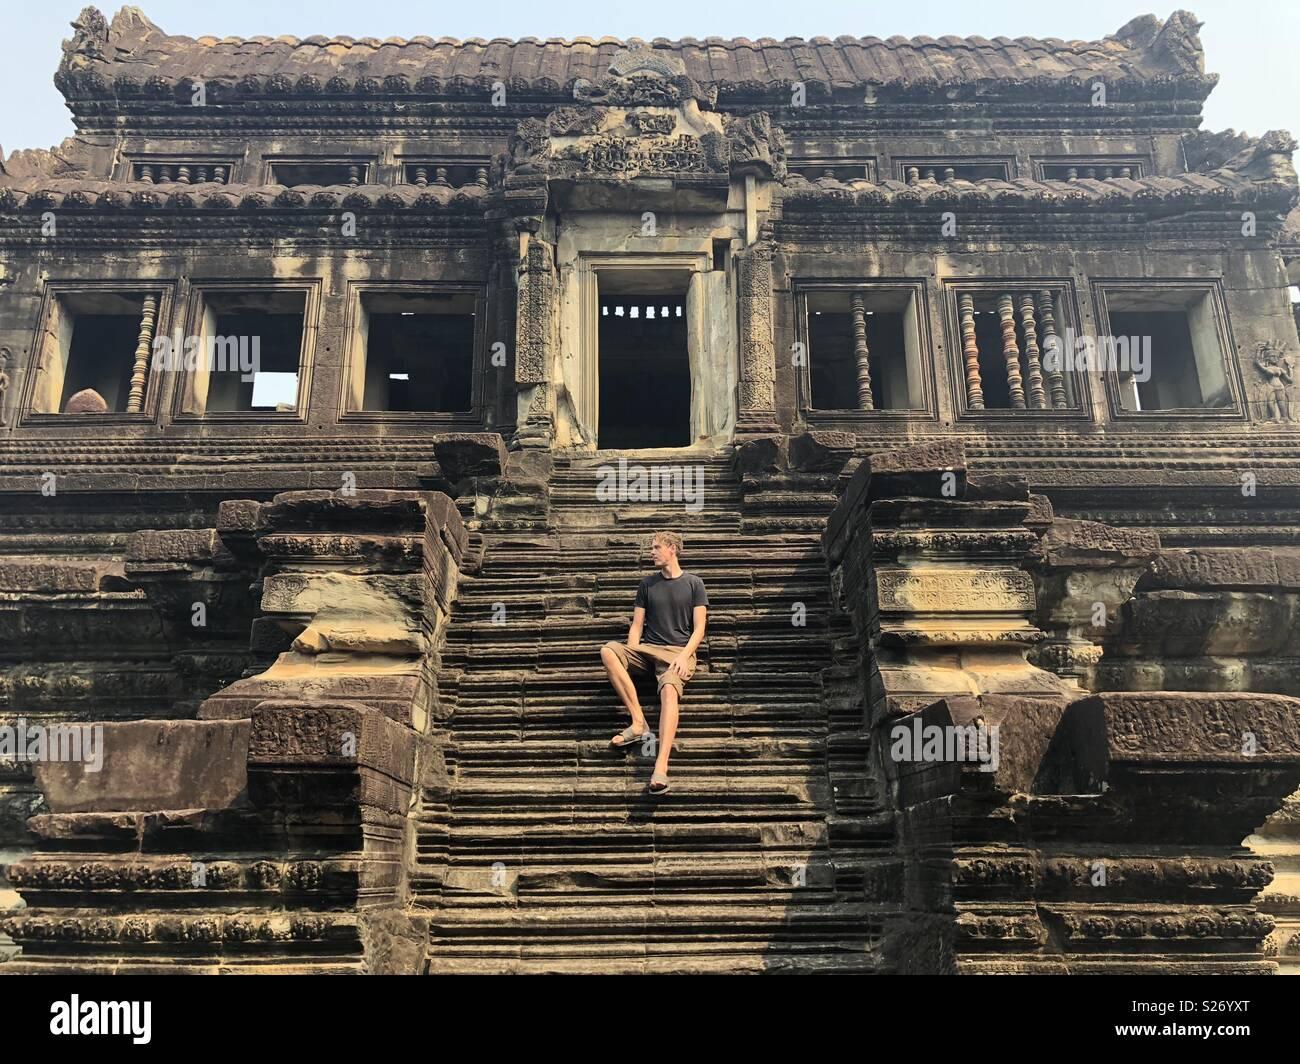 Ruines de temples d'Angkor Wat au Cambodge avec l'homme sur les mesures Photo Stock